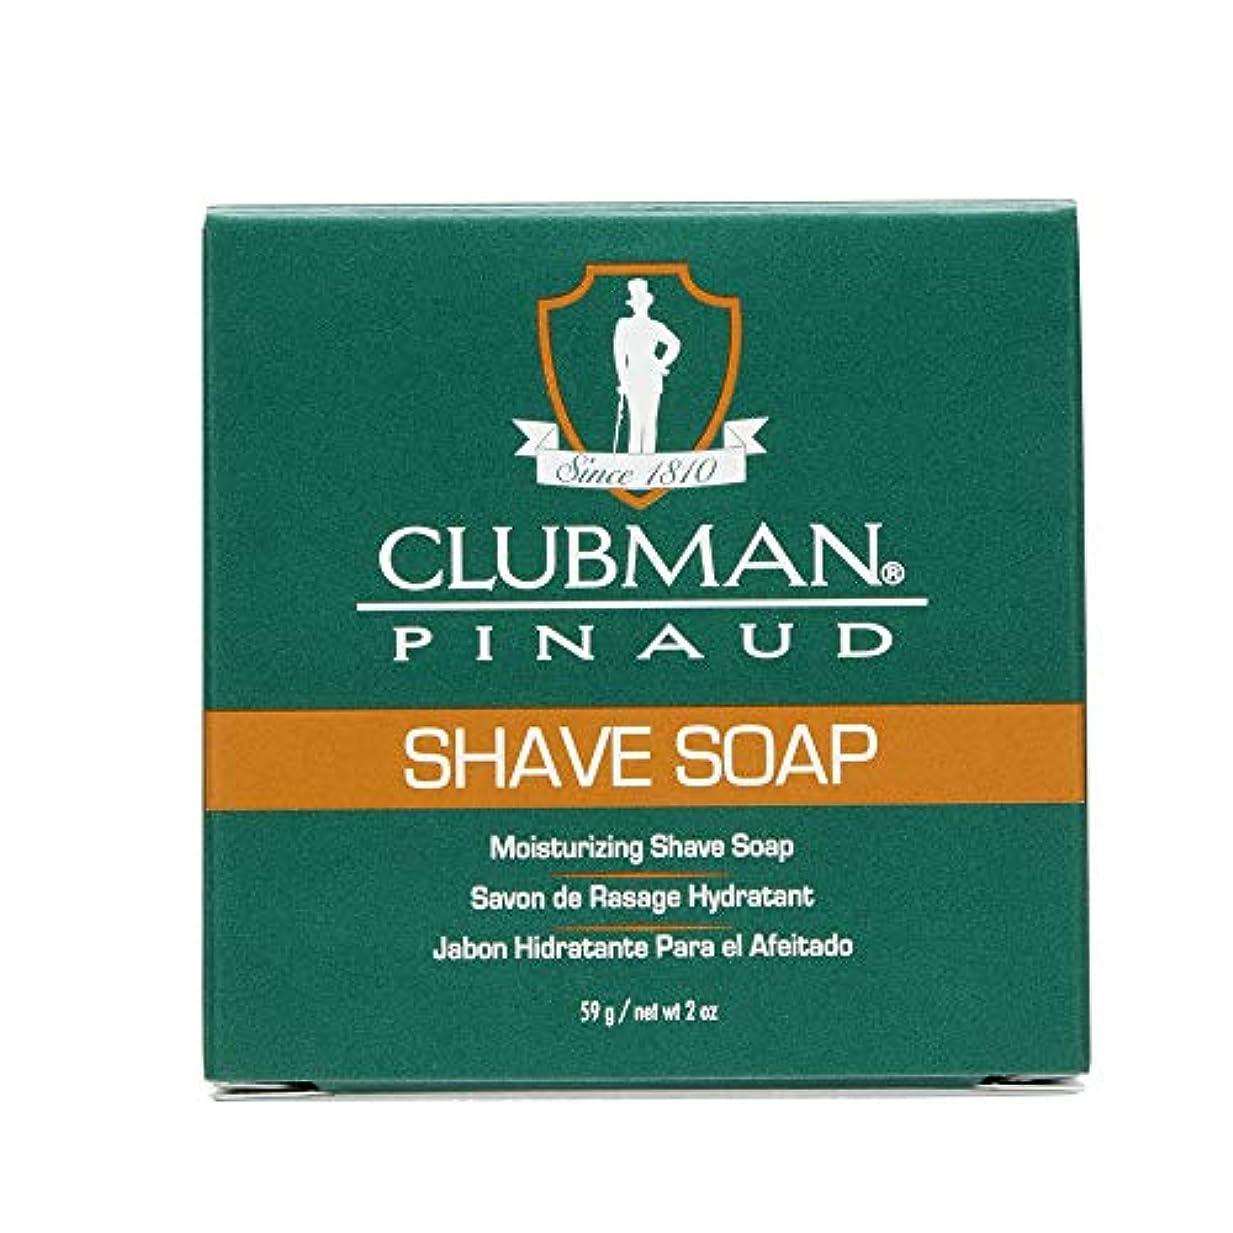 社会主義者重力提案するCLUBMAN Shave Soap (並行輸入品)